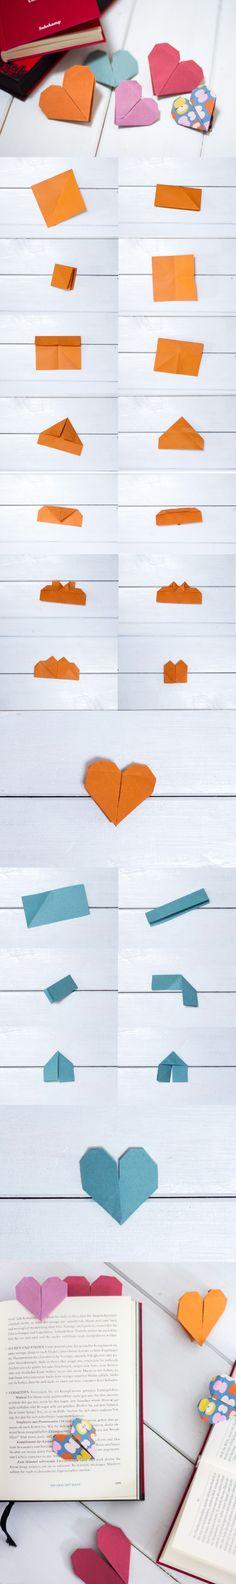 DIY Herzen Origami - Lesezeichen leicht selber falten. Zwei Varianten findest du hier.